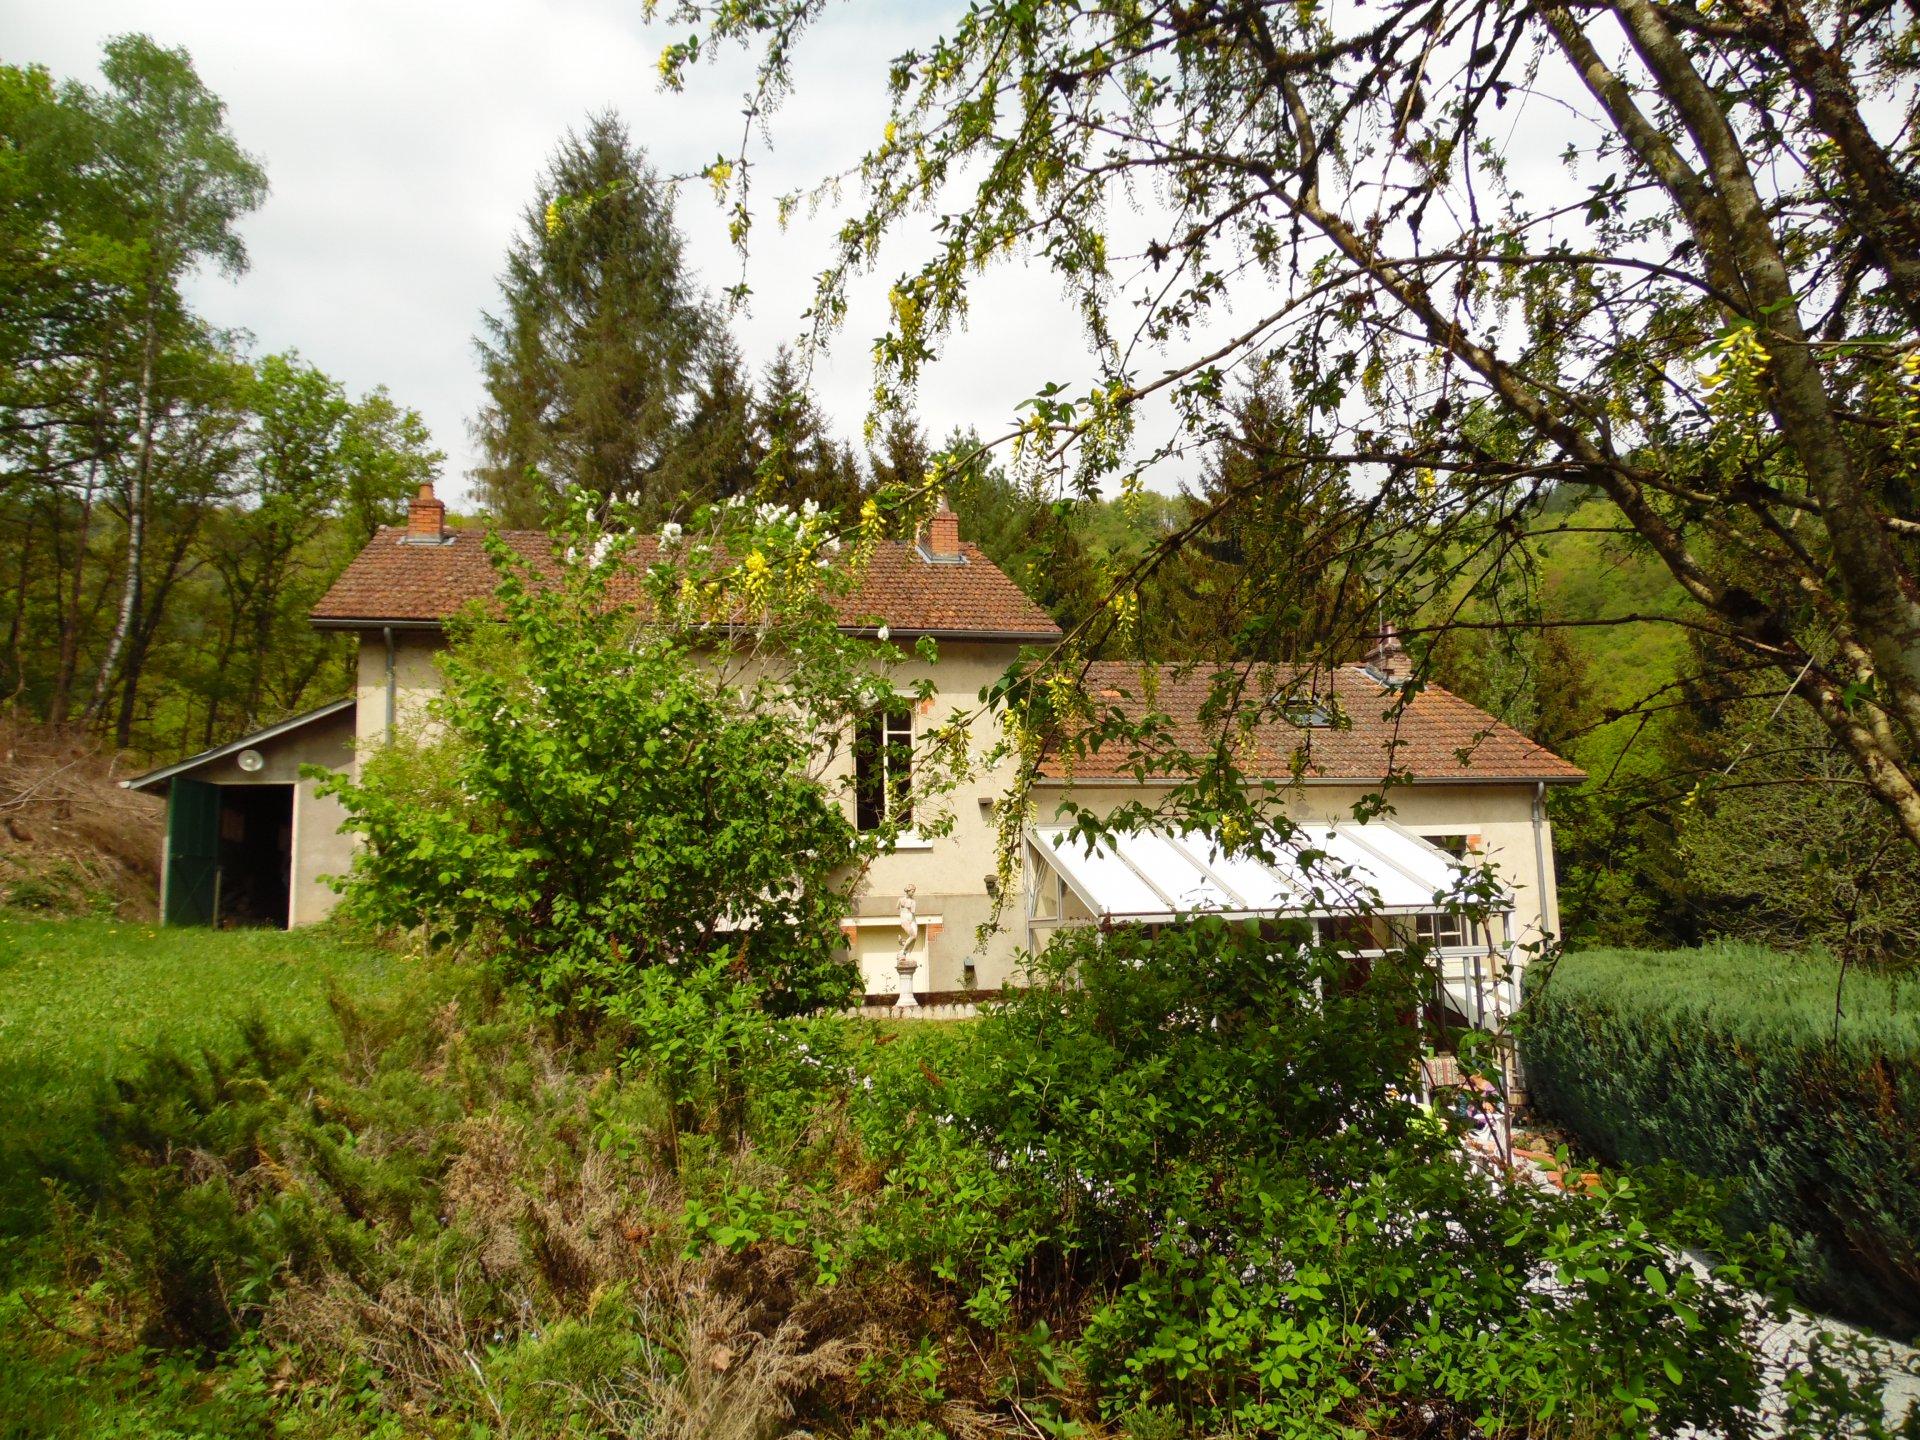 Te koop geheel van 2 huizen bij een rivier met mooi terrein.